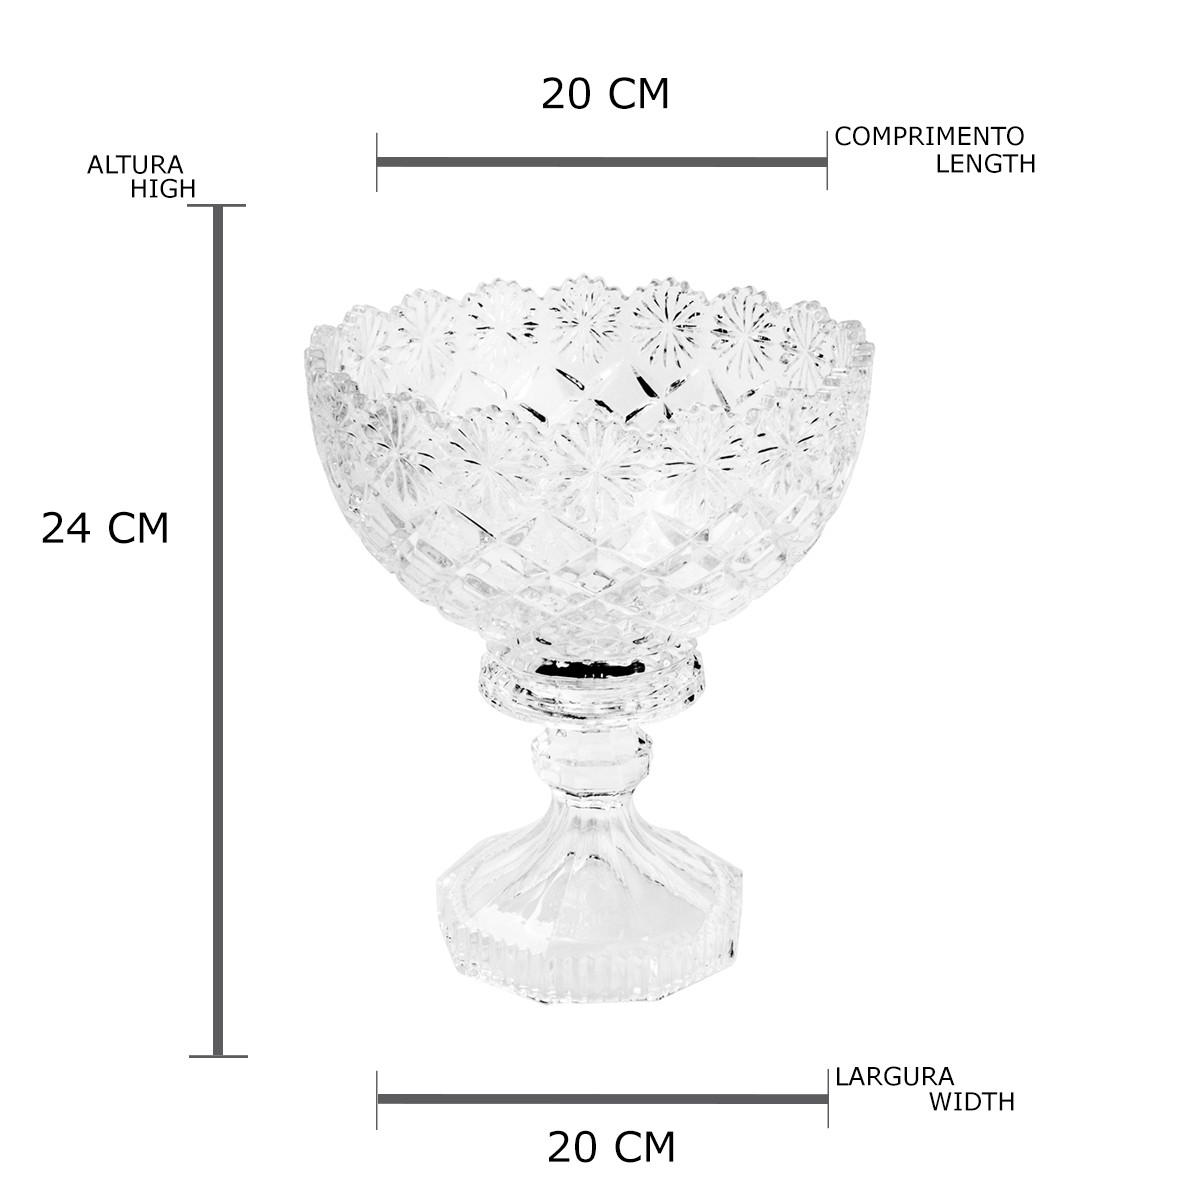 Centro de Mesa Com Pé de Cristal de Chumbo Diamond Star 20 x 24 cm